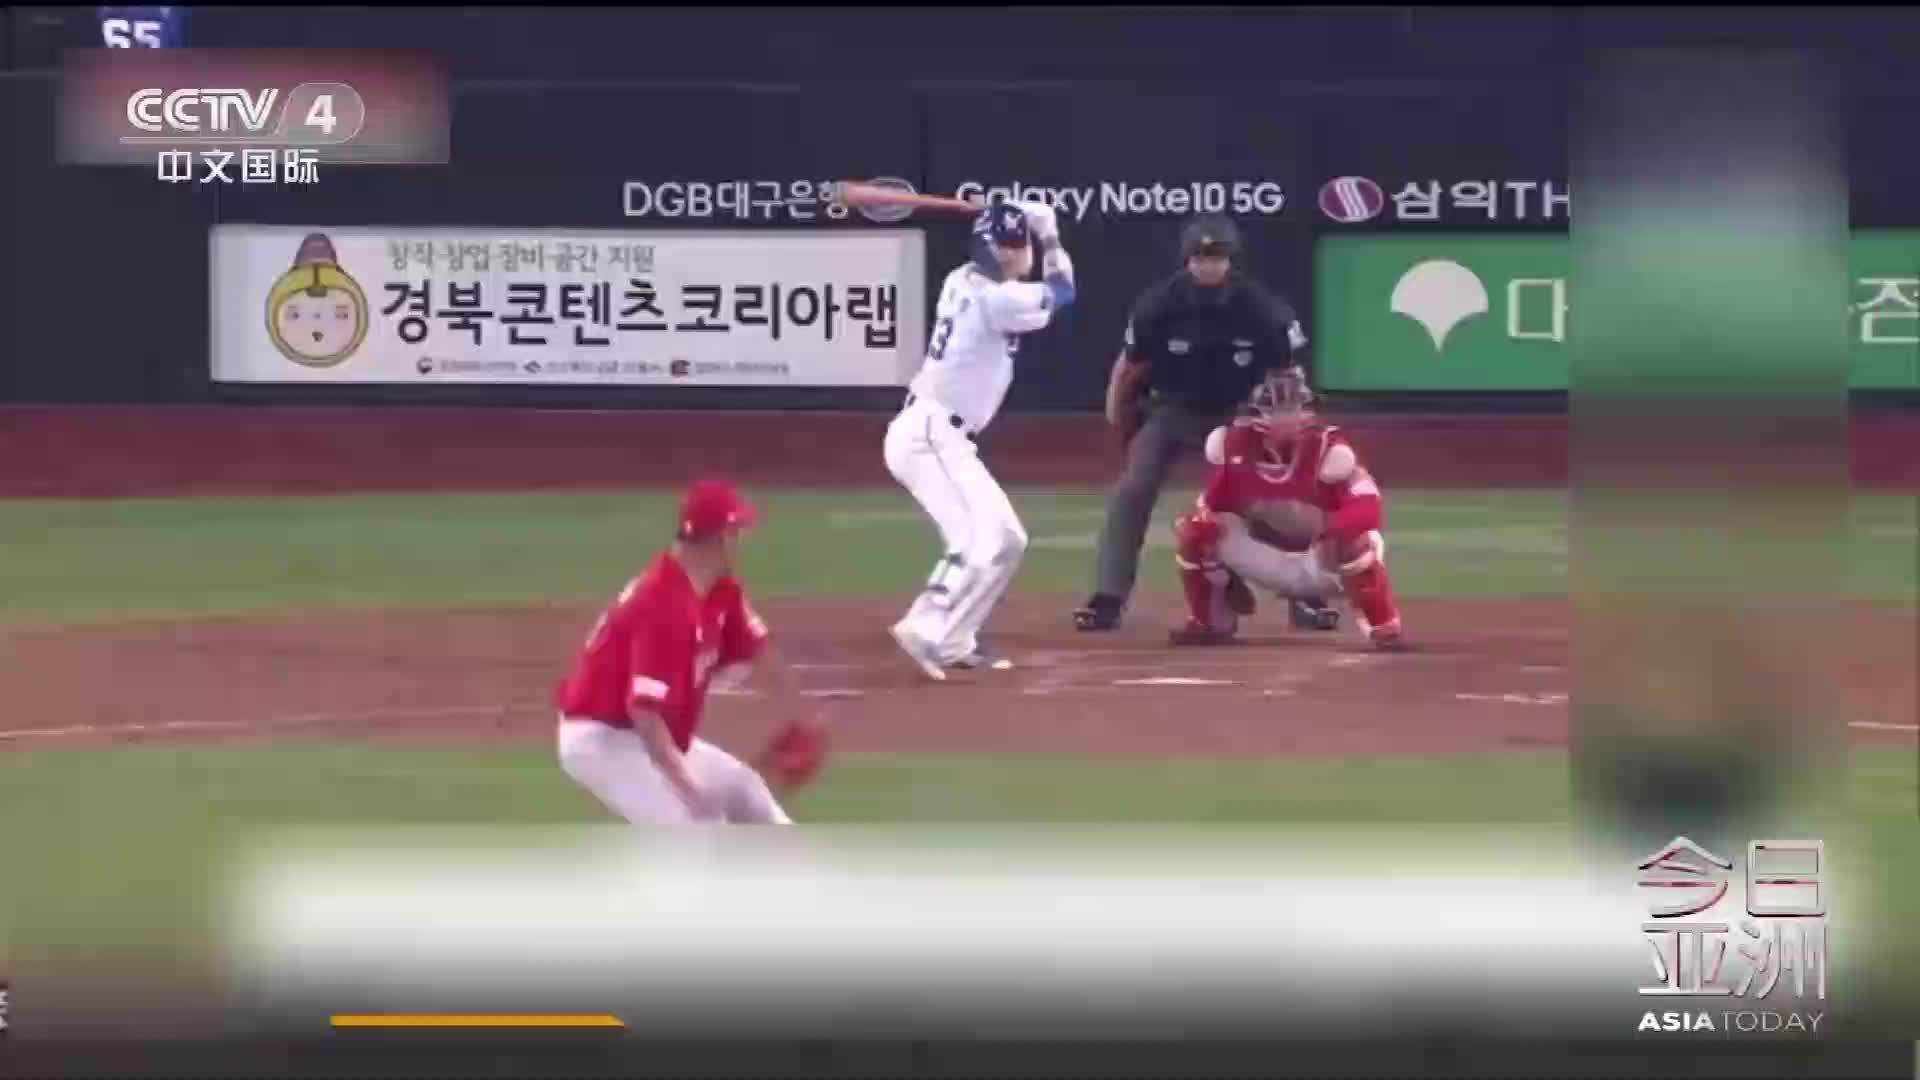 疫情影响严重 韩国将举行无观众体育赛事